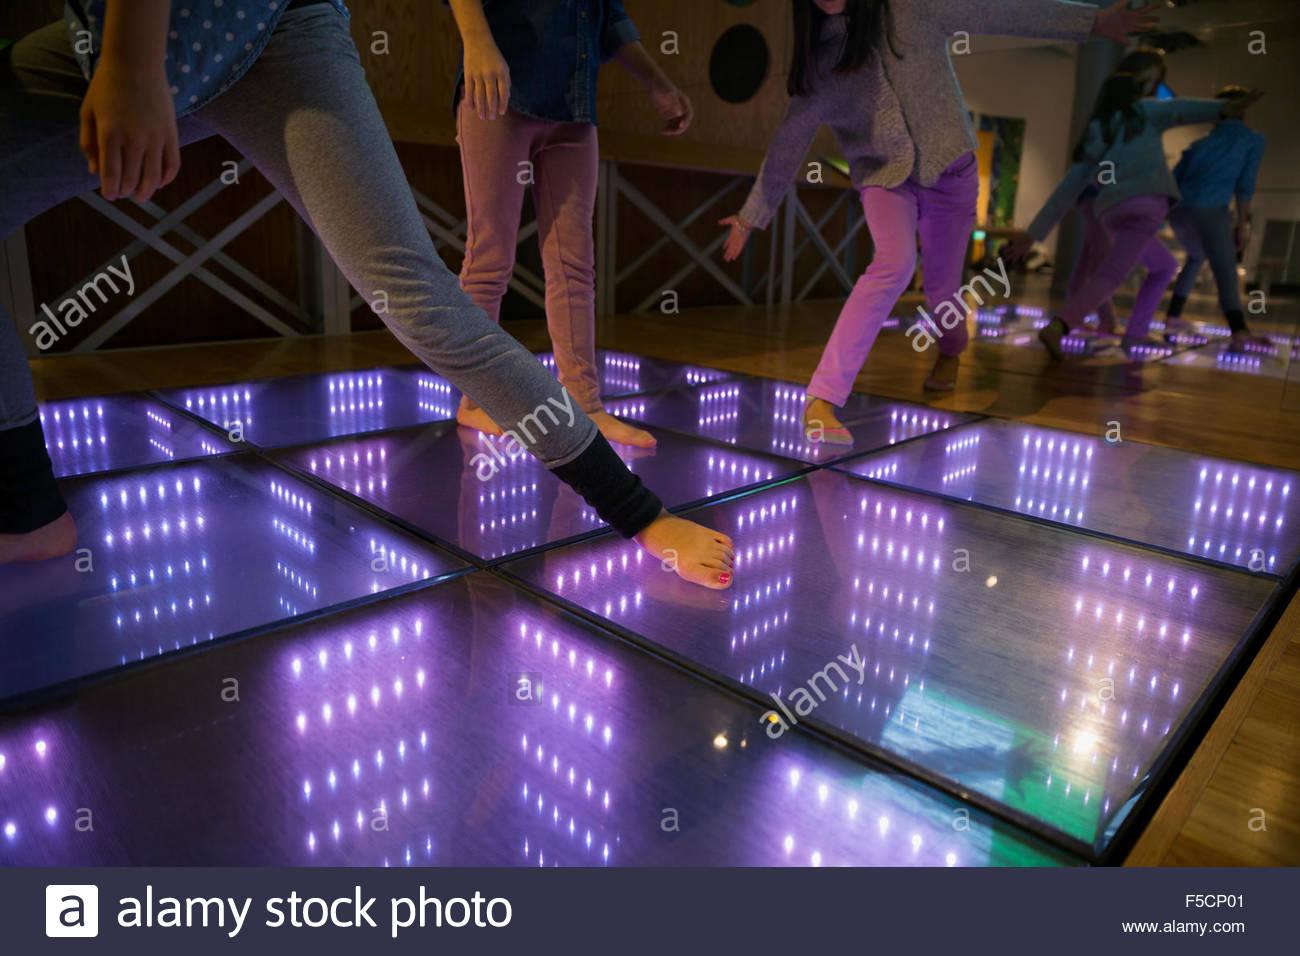 Barefoot bailarinas iluminada palabra science center exposición Imagen De Stock